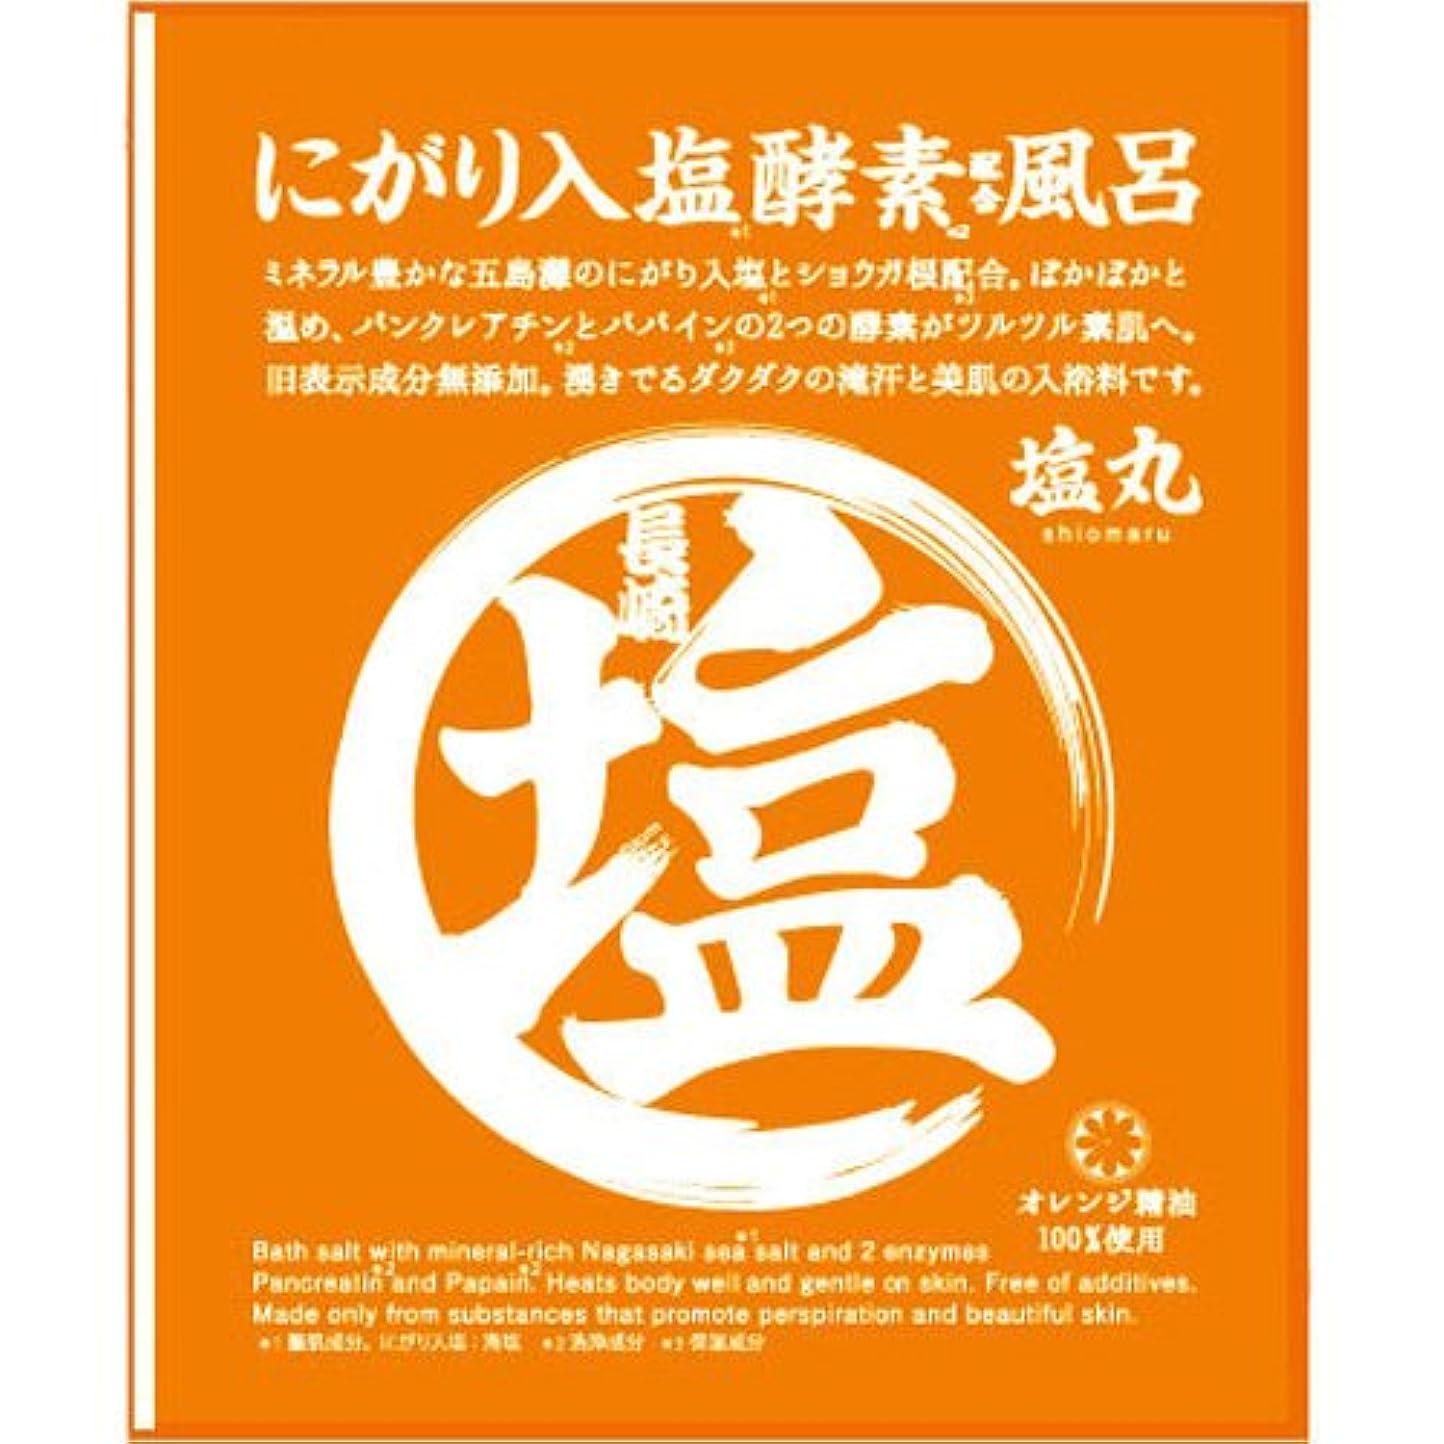 ハンカチアーチ寄託にがり入塩と酵素の入浴料 塩丸 オレンジ 40g